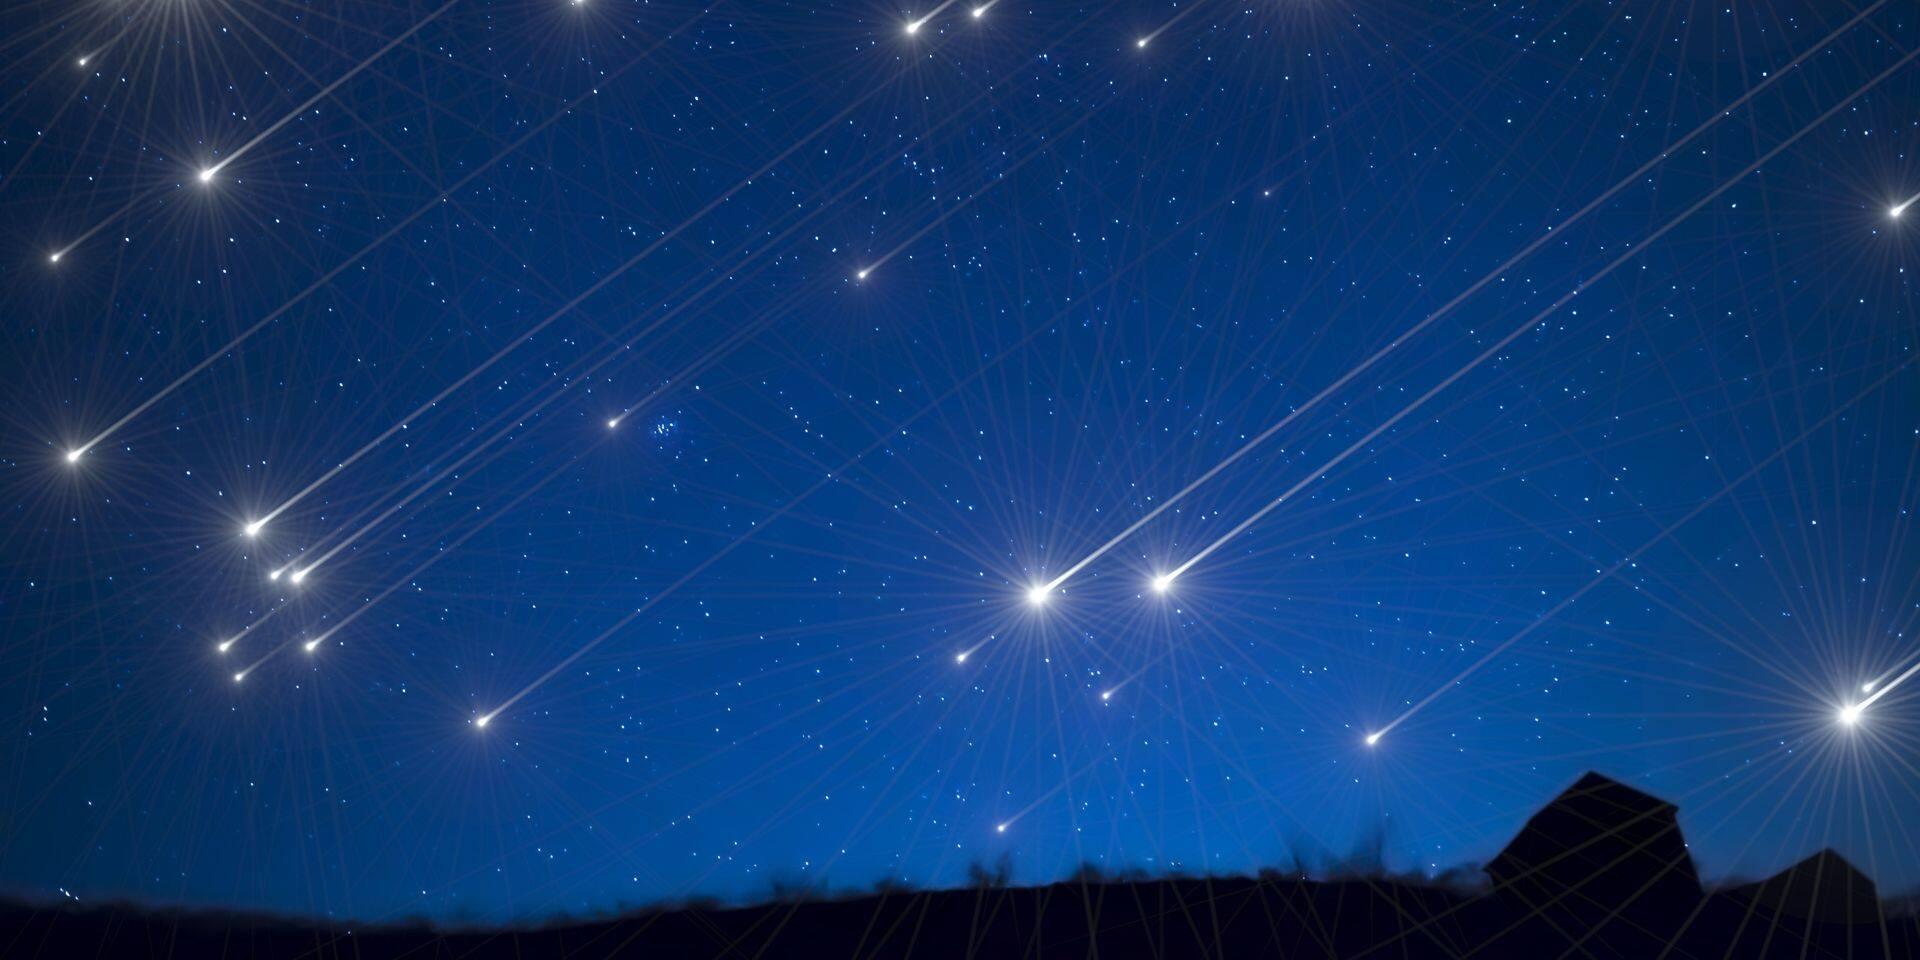 Si vous vous levez tôt samedi matin, vous pourrez assister à un spectacle d'étoiles filantes